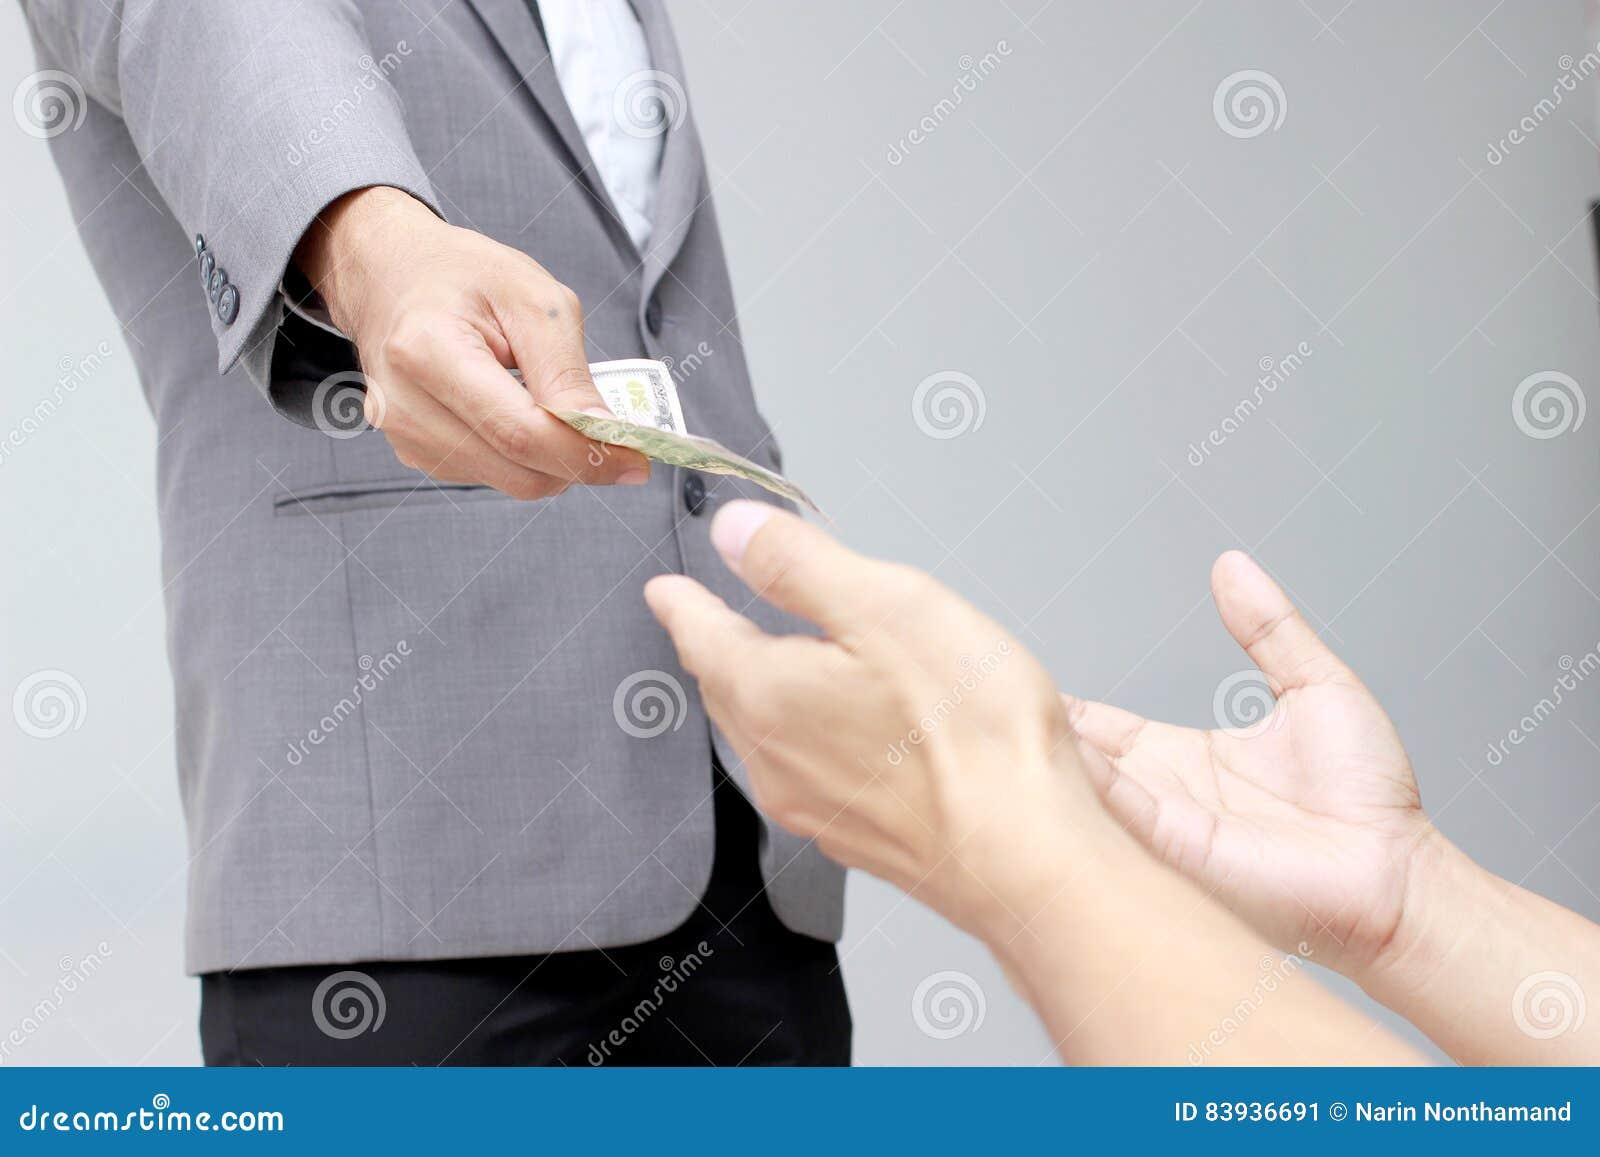 Рука бизнесмена держа доллар США, USD счеты, деньги банкноты доллара предложений и деньги давать оплатили для что-то мимо получаю